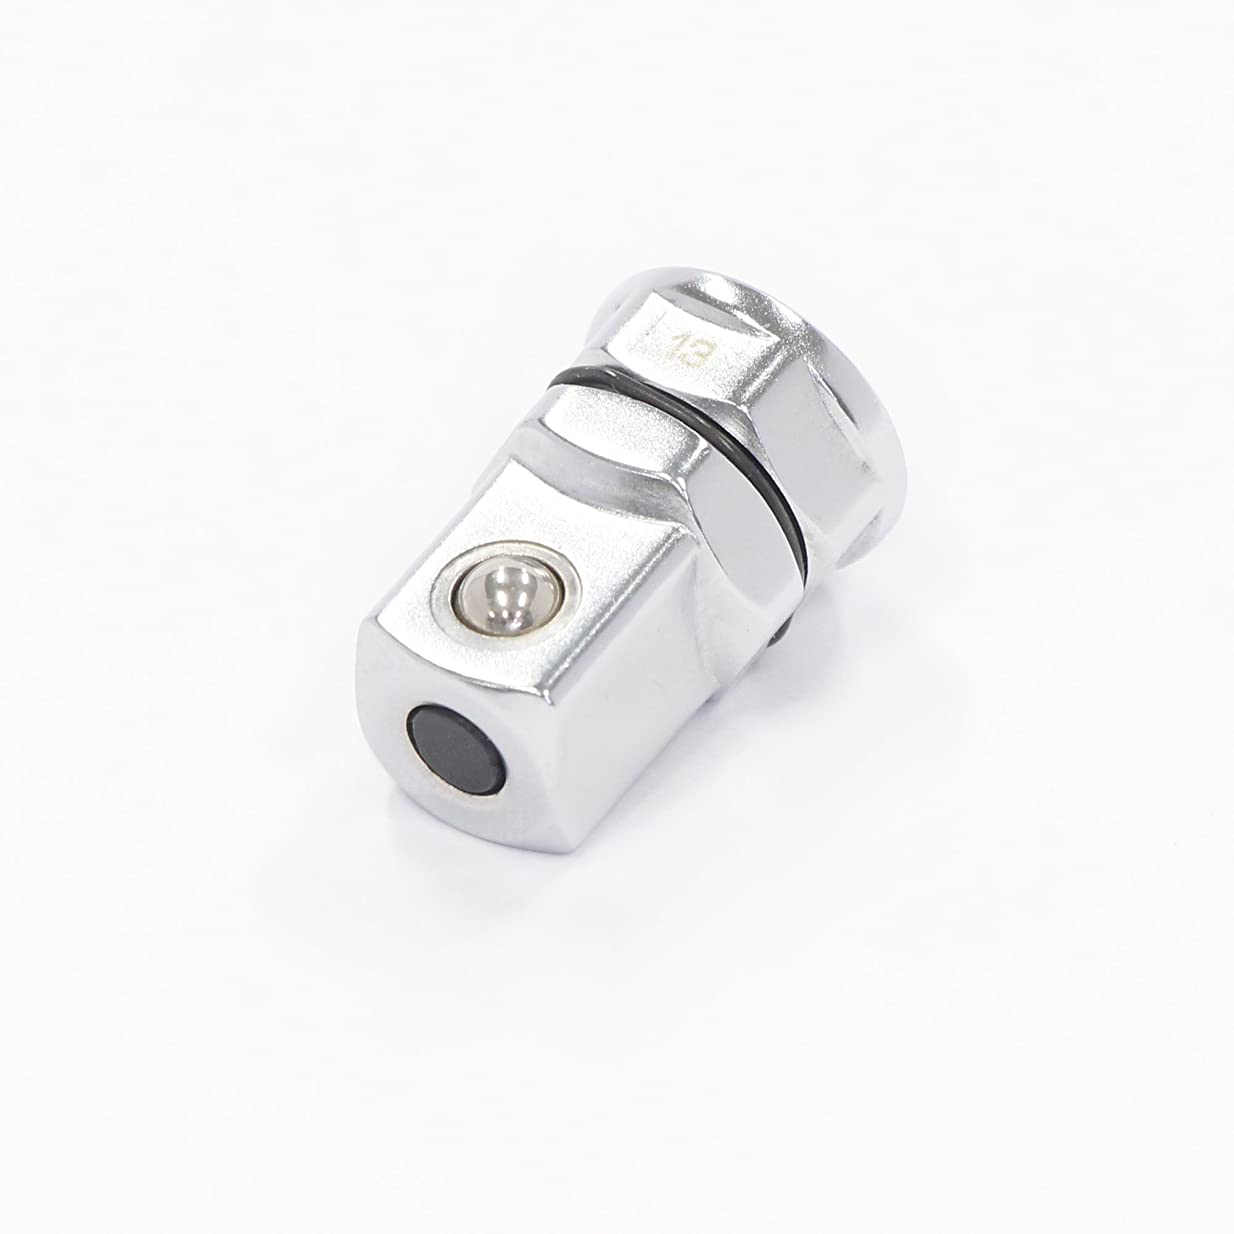 軽く安西増加するトネ(TONE) ラチェットめがね用アダプター 差込角9.5mm(3/8